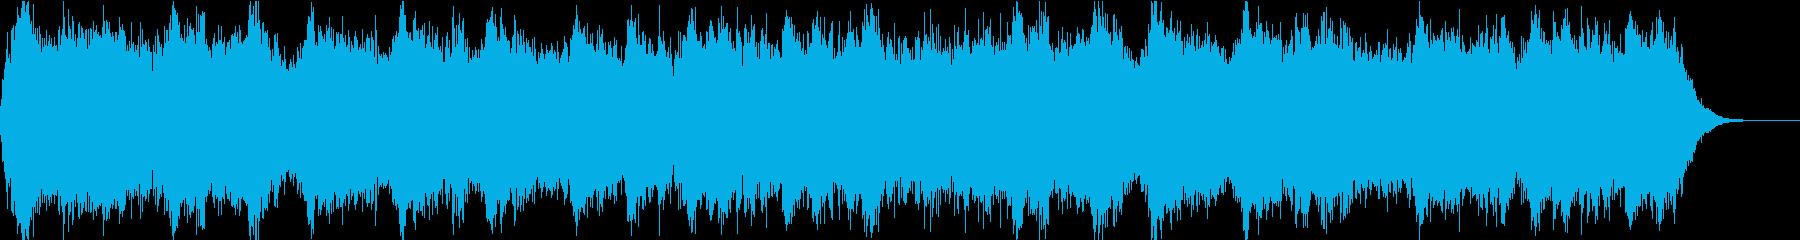 近未来な曲(スマート、電子音、動作音)の再生済みの波形